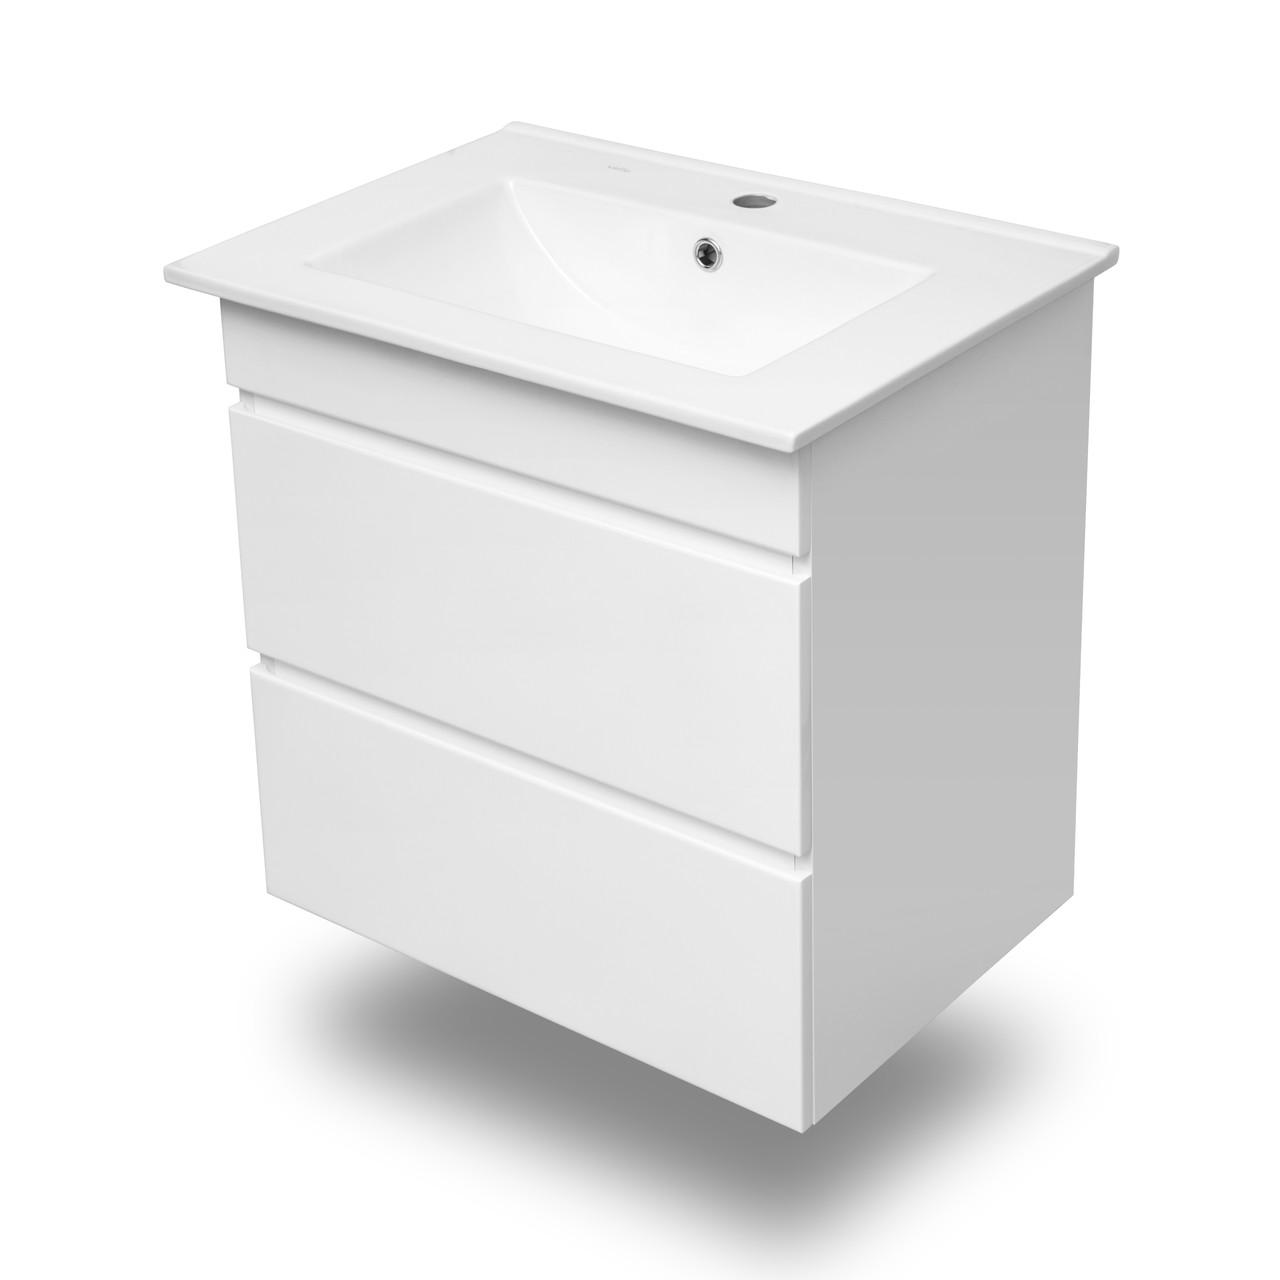 FIESTA комплект мебели 60см белый: тумба подвесная, 2 ящика + умывальник накладной арт 13-01-042A